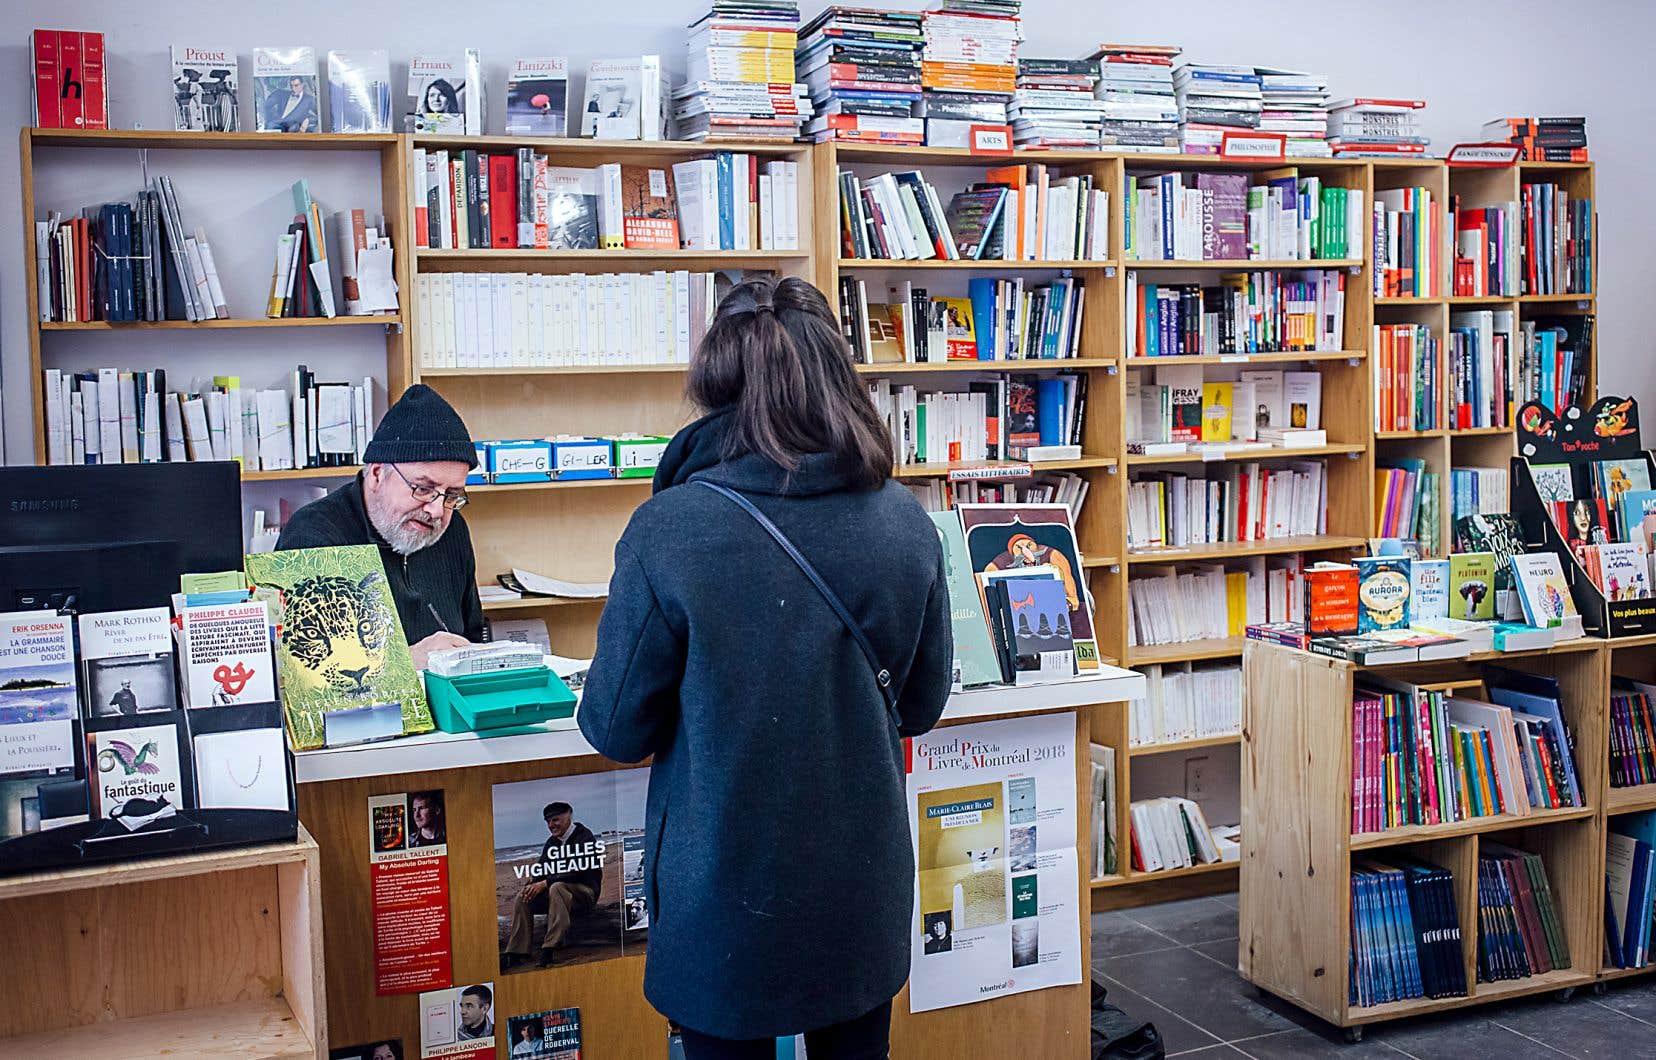 Le libraire Roger Chénier a observé, depuis le déménagement de la librairie L'Écume des jours de la rue Saint-Viateur à la rue Villeray il y a plus de quatre ans, un rajeunissement de la clientèle et une hausse des ventes de littérature québécoise.